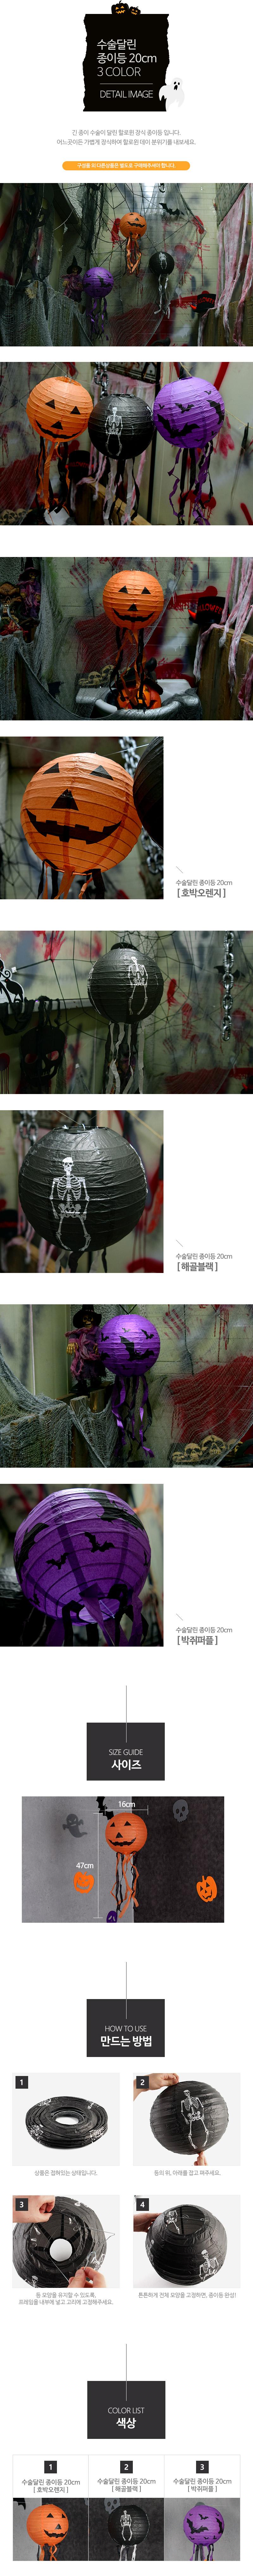 수술달린 종이등 20cm _partypang - 파티팡, 2,000원, 파티용품, 할로윈 파티